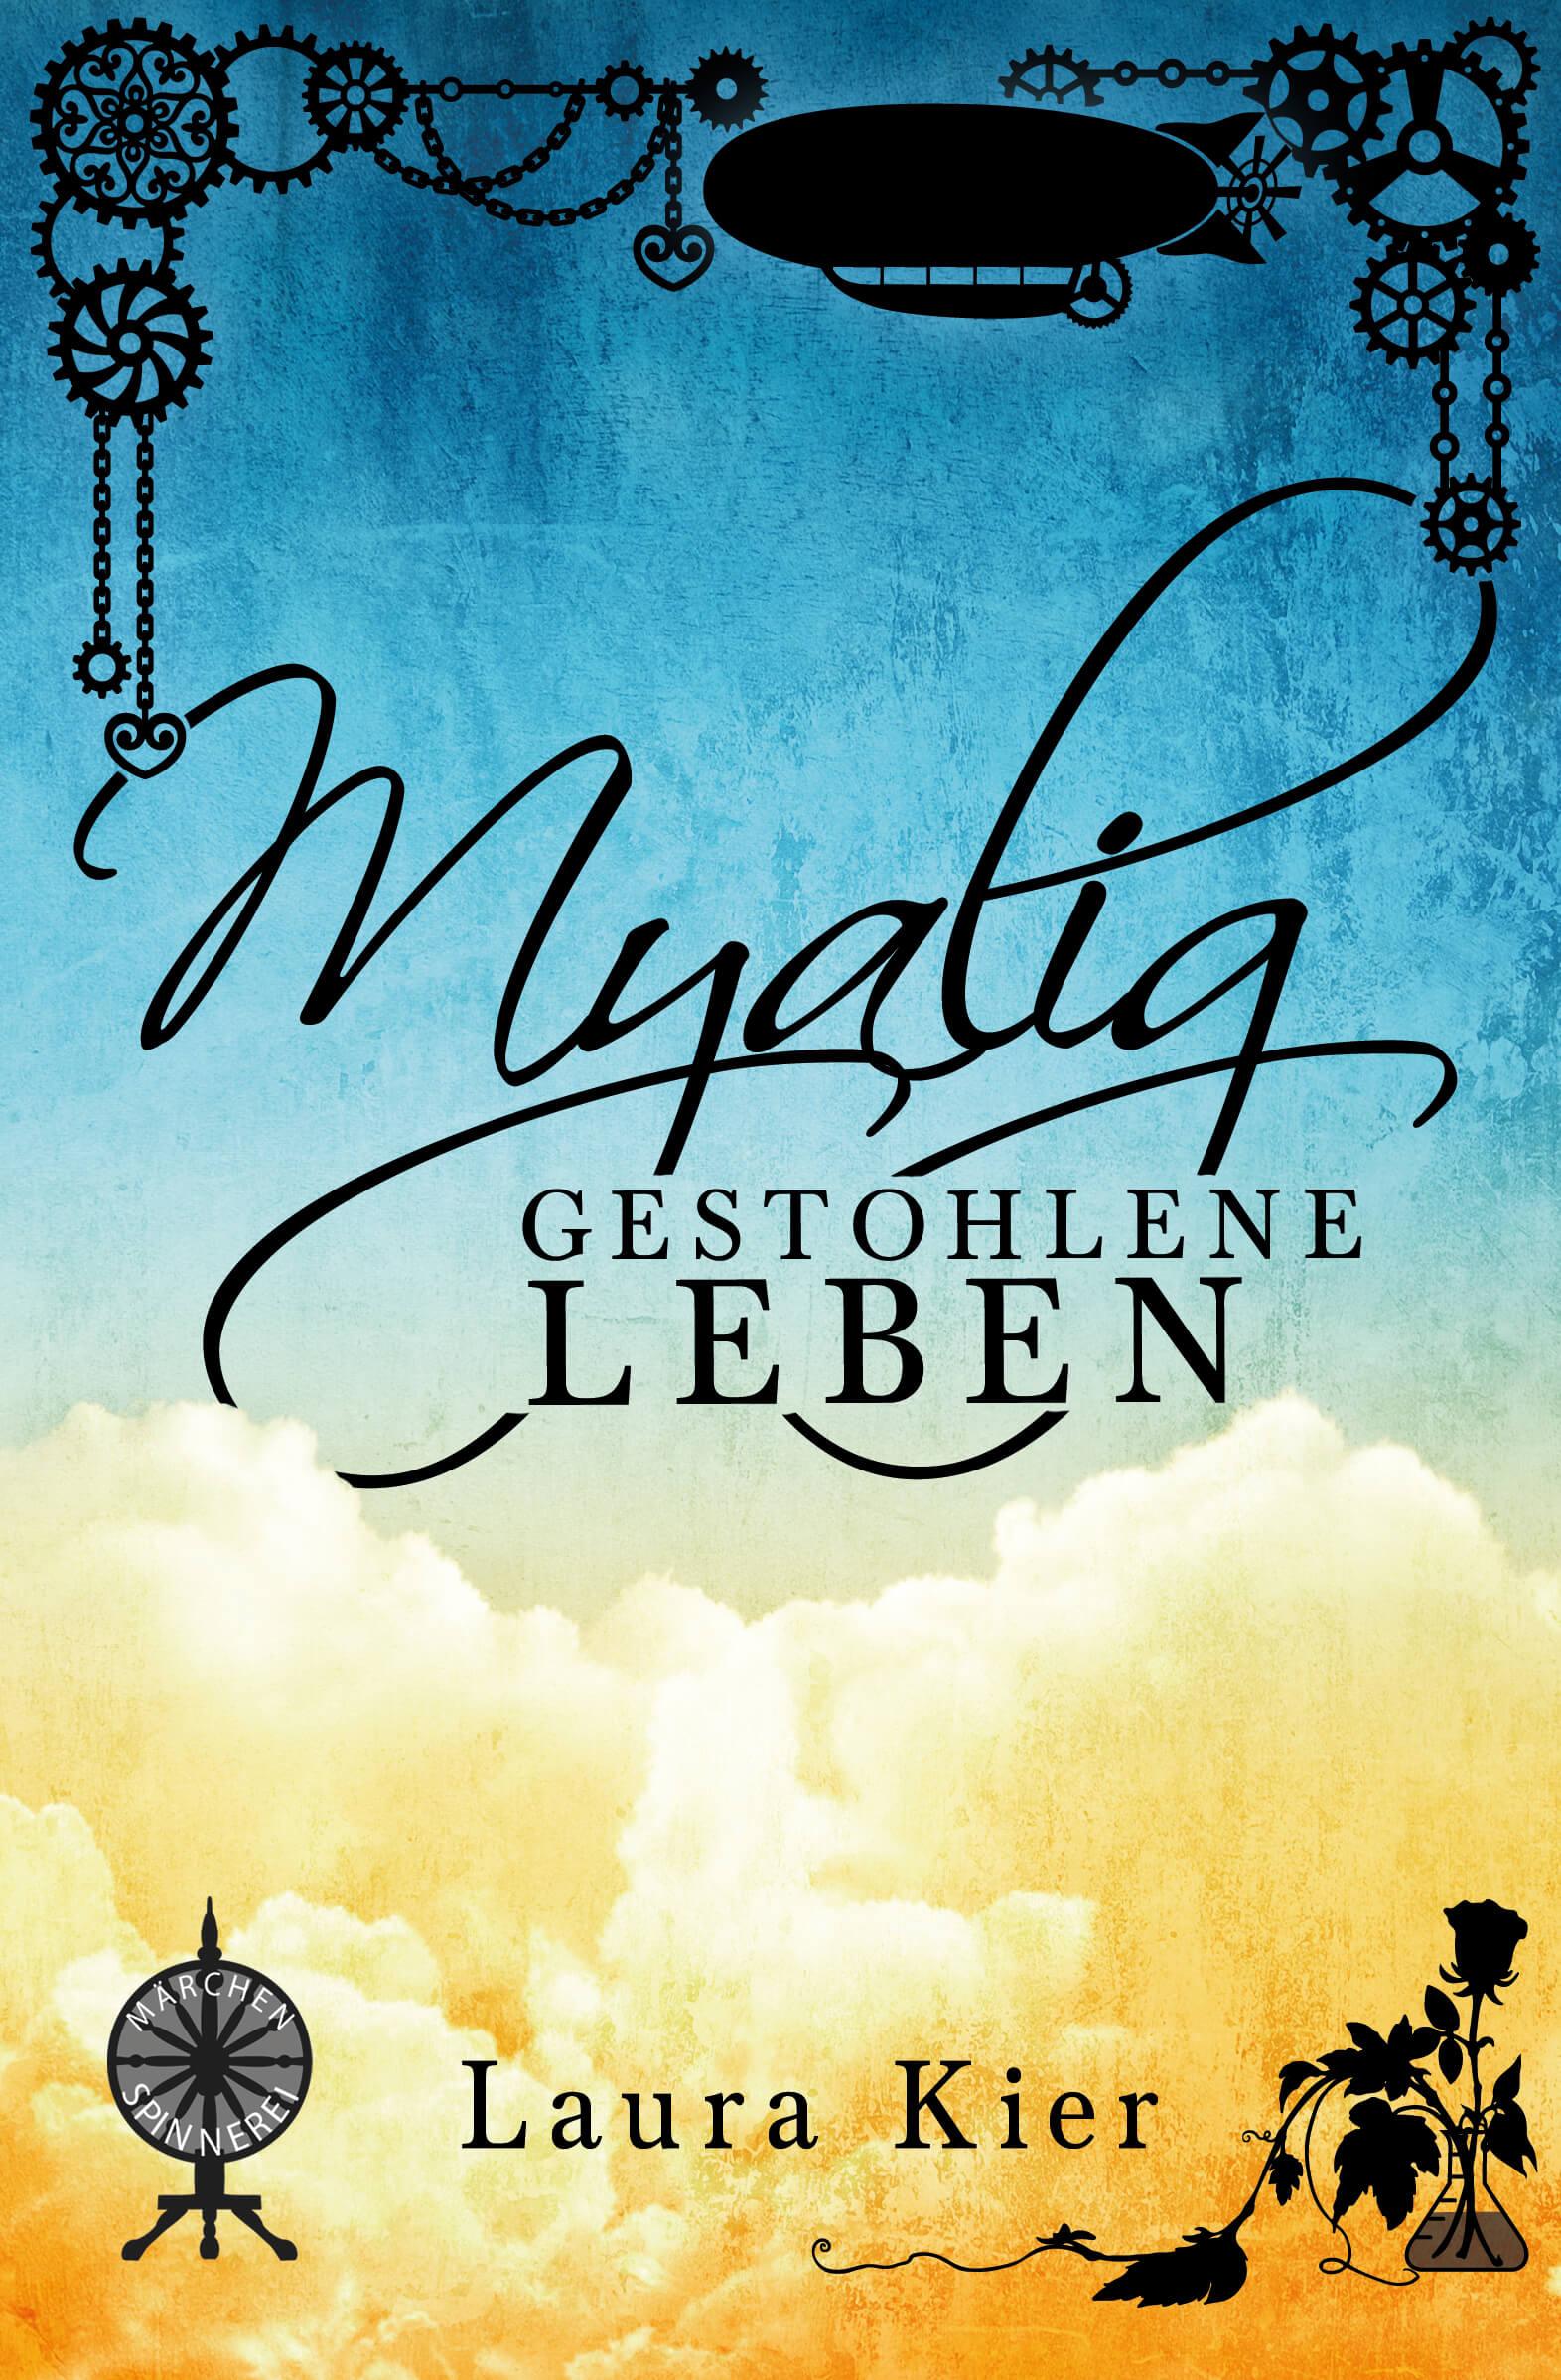 Myalig - gestohlene Leben: Laura Kier Cover